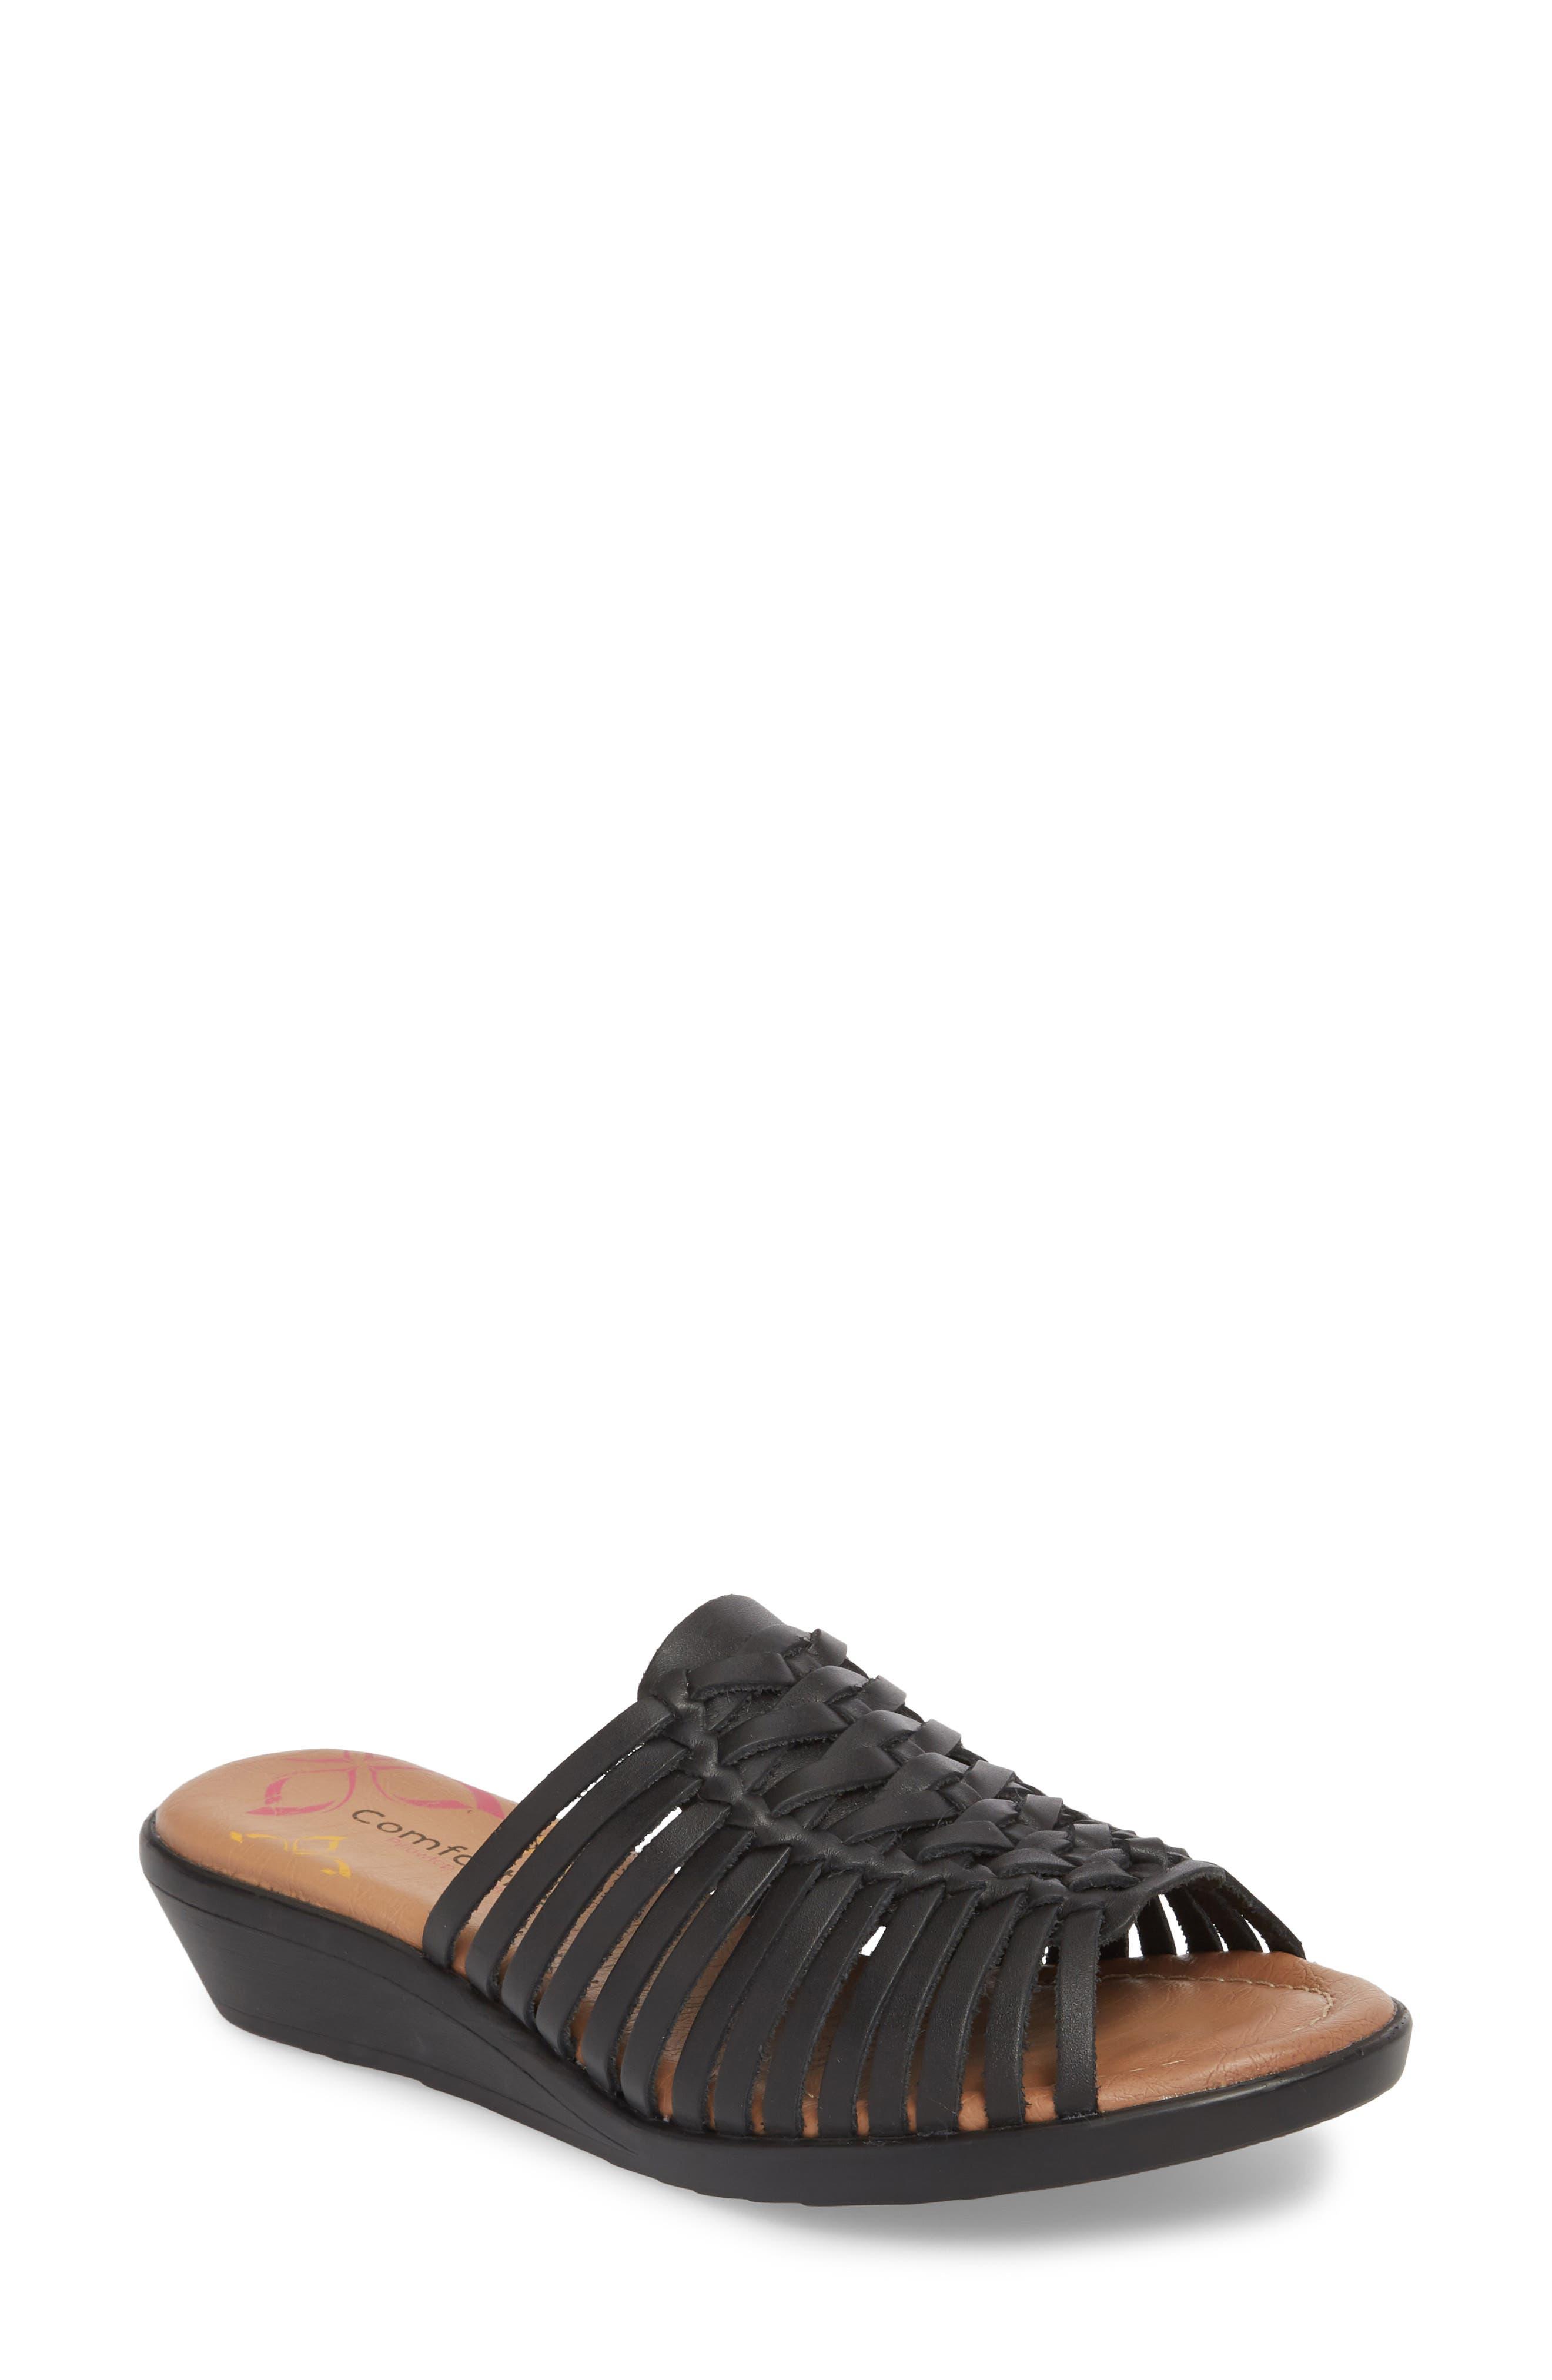 COMFORTIVA, Felida Huarache Slide Sandal, Main thumbnail 1, color, BLACK LEATHER